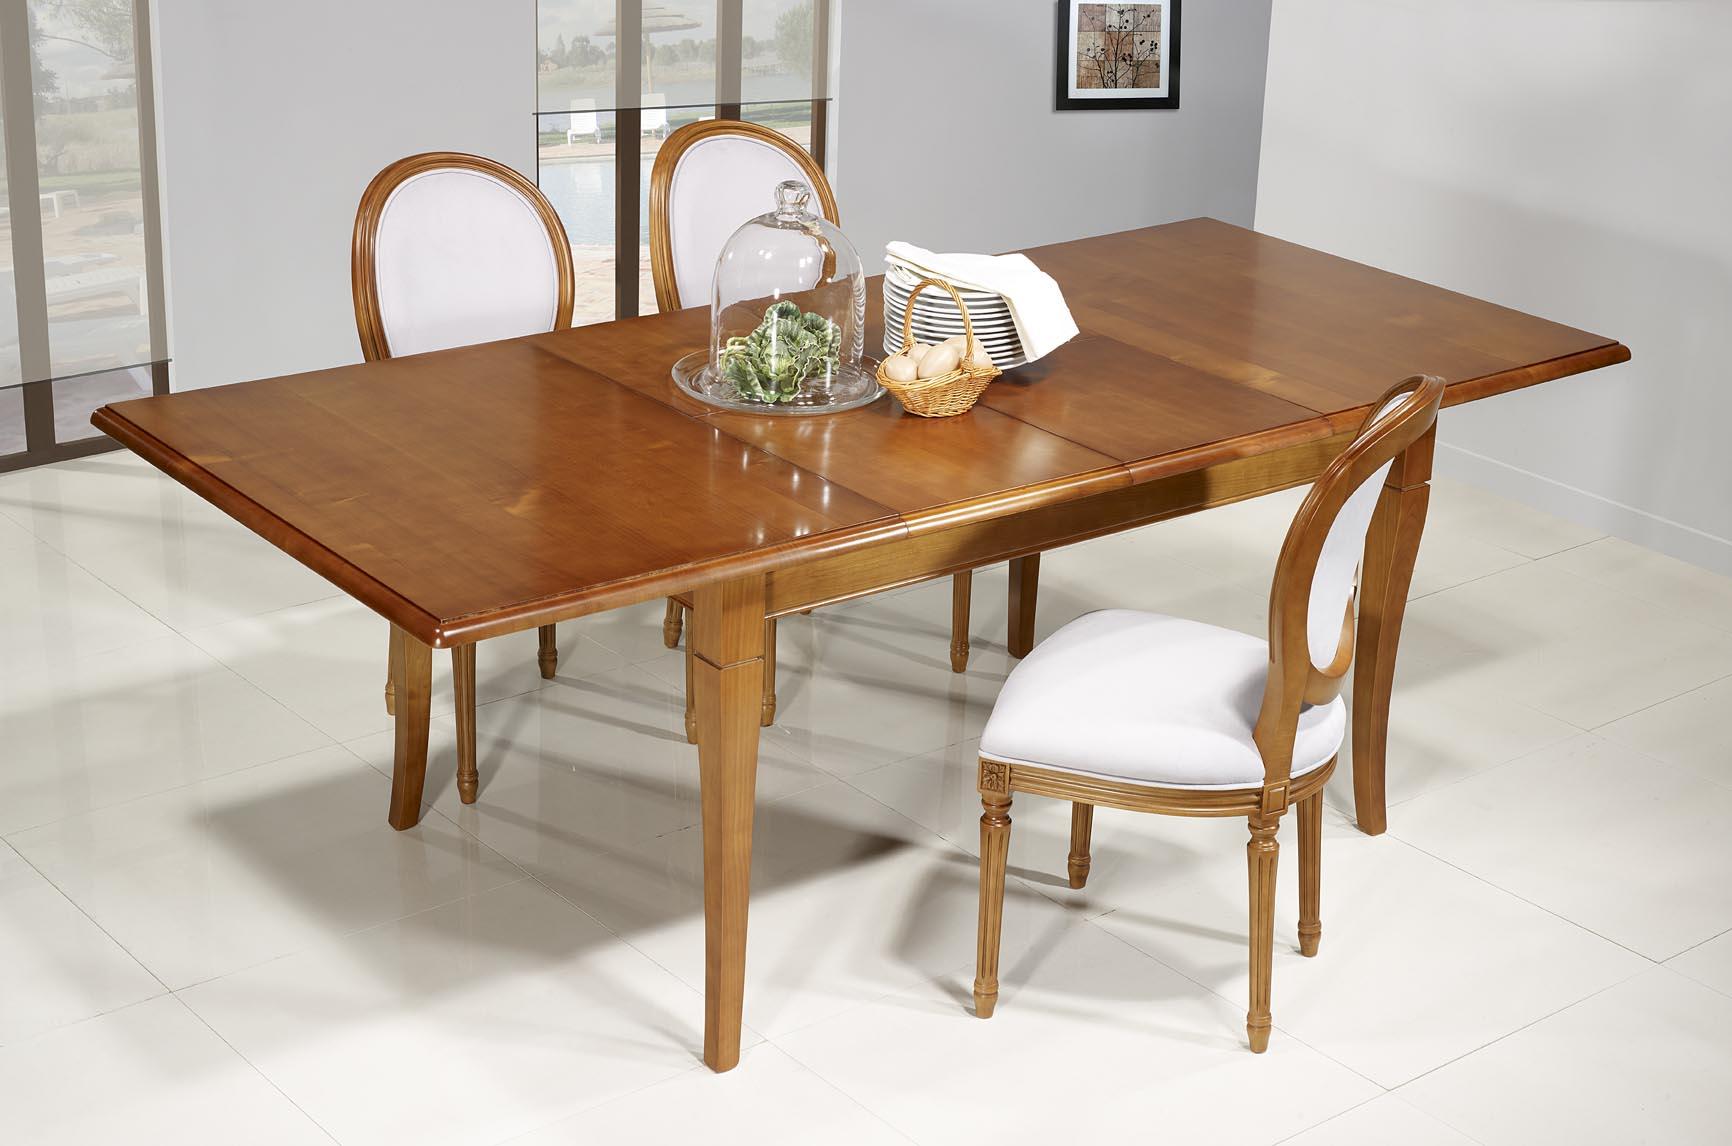 Table de repas emeline en merisier massif de style louis - Dimension table rectangulaire ...